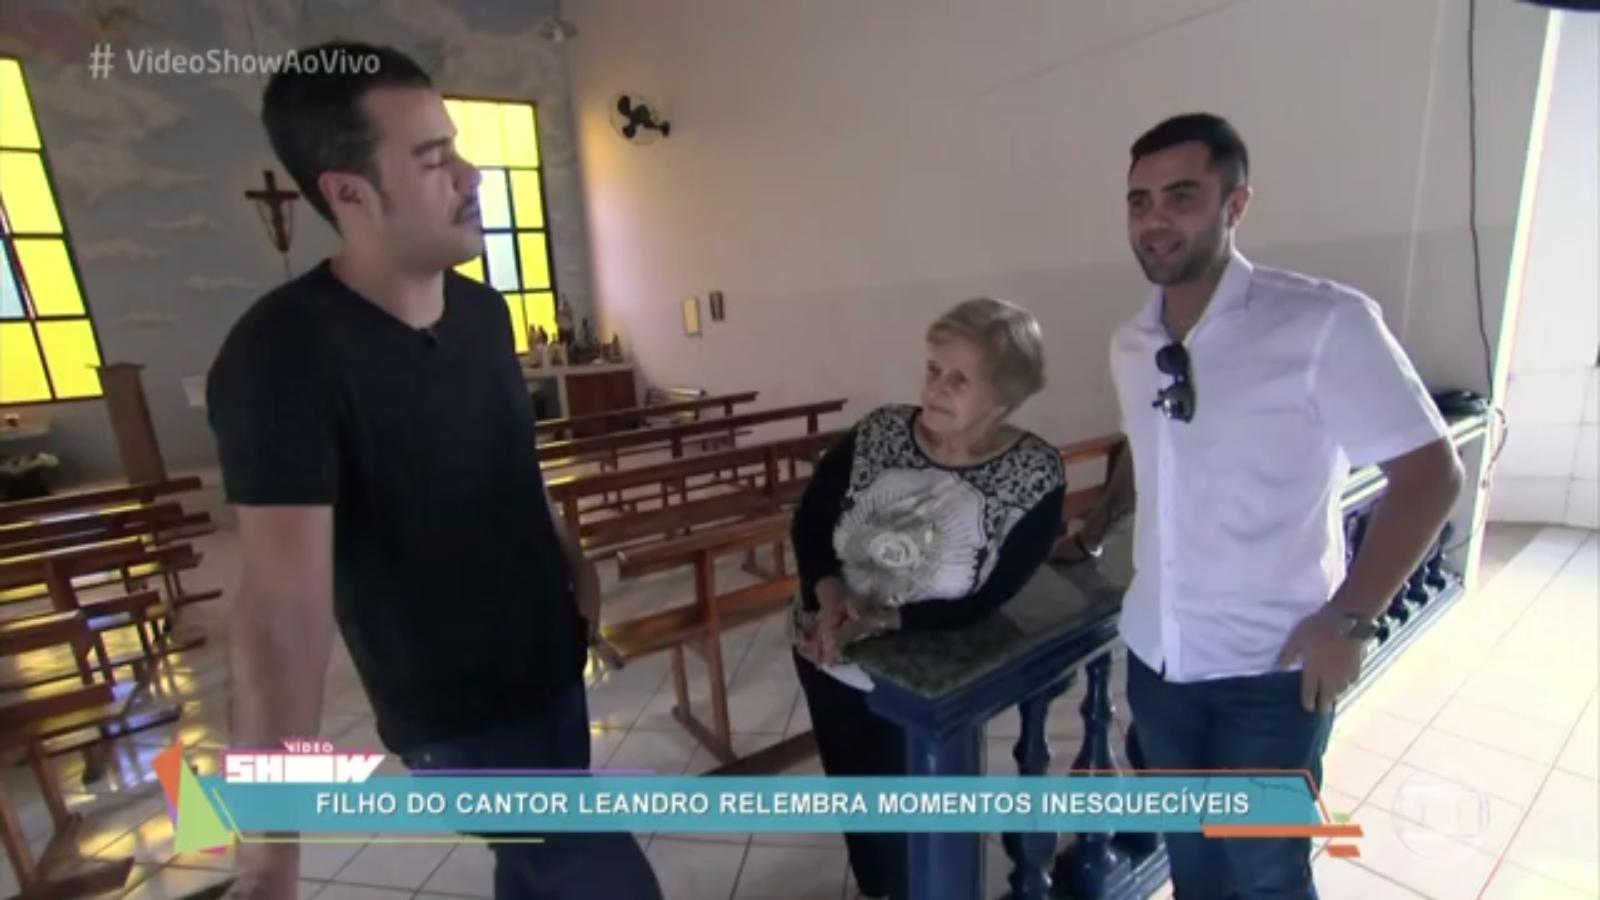 Thiago programa vídeo show homenagem a LEANDRO 23 6 2016